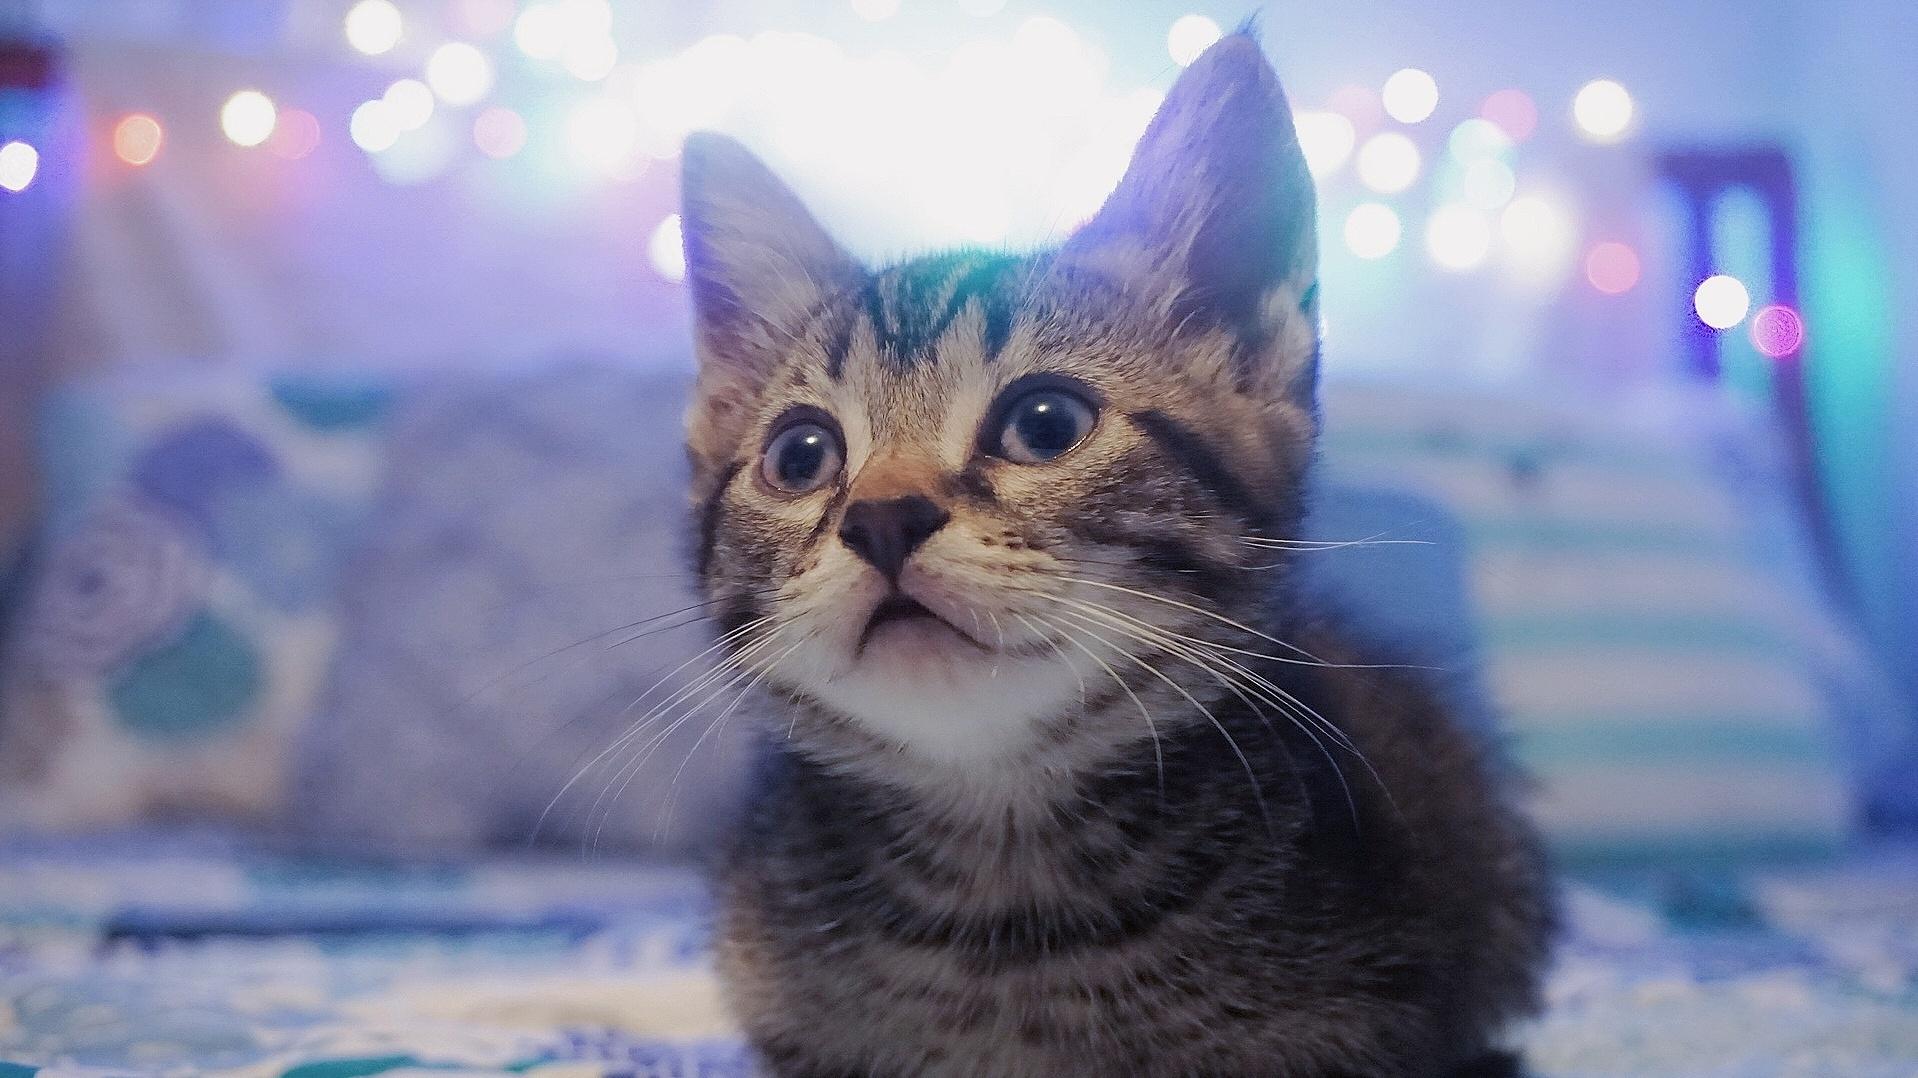 Baby of my siamese cat